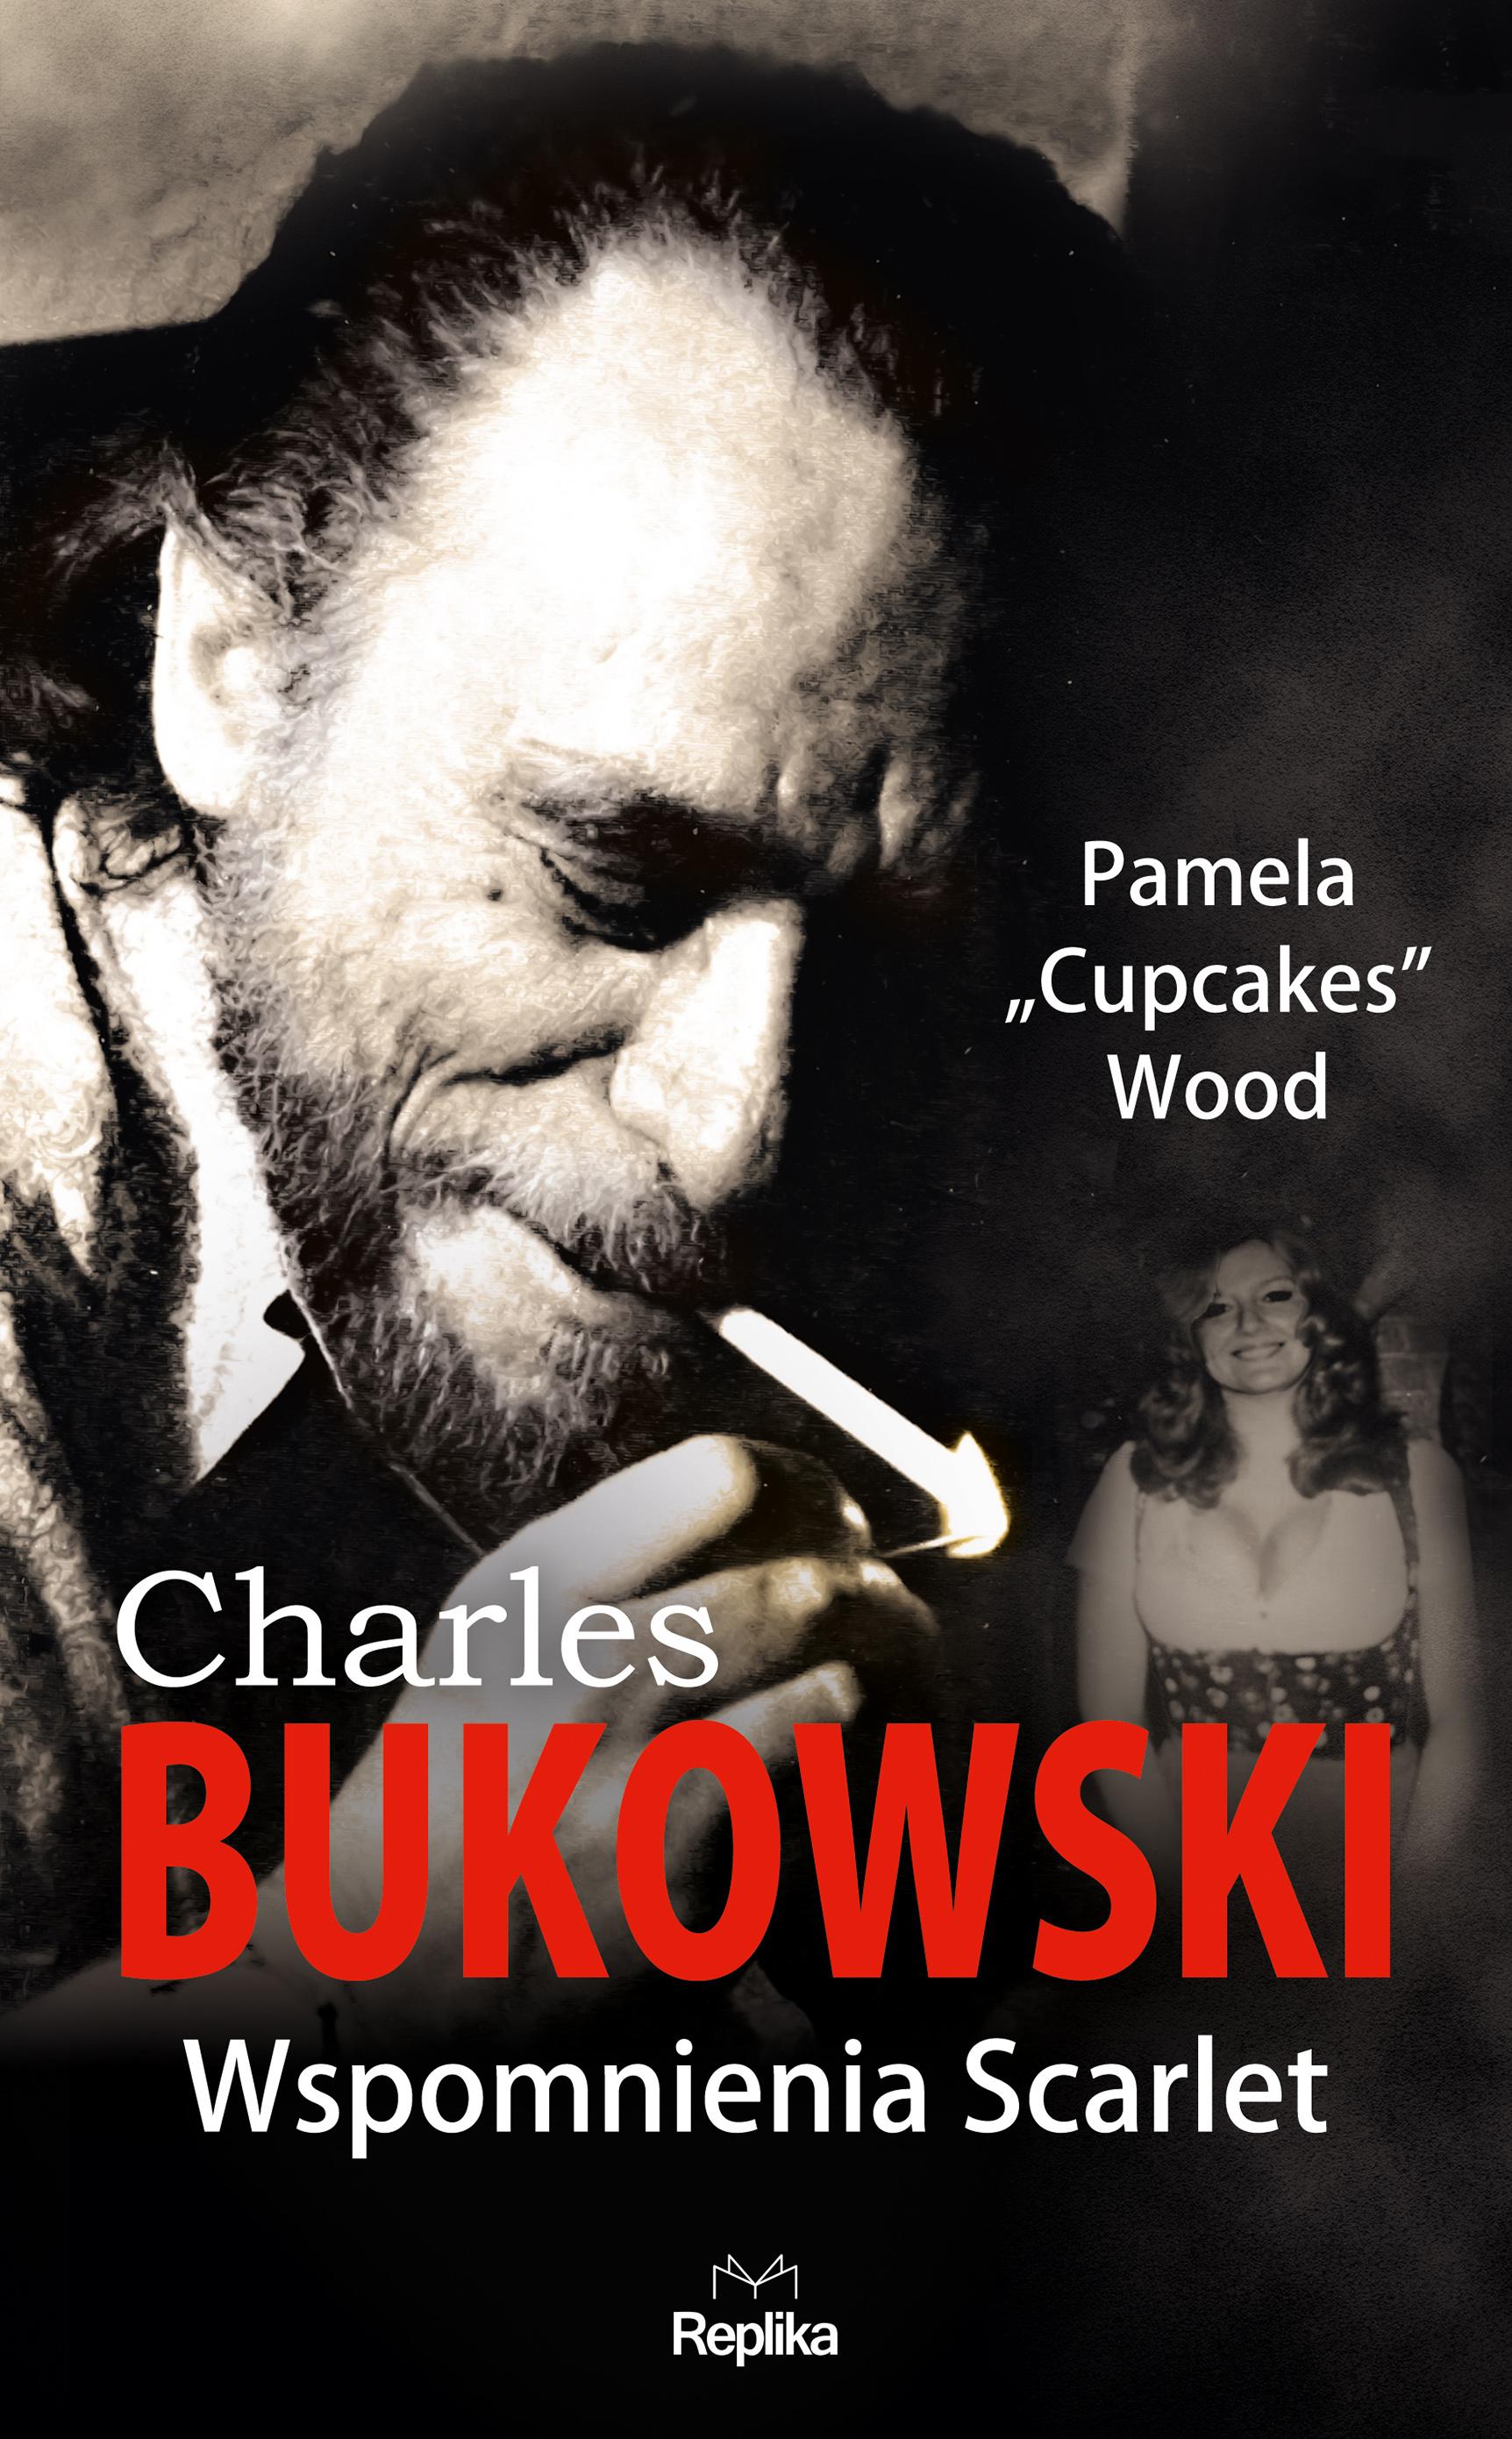 Charles bukowski wspomnienia scarlet